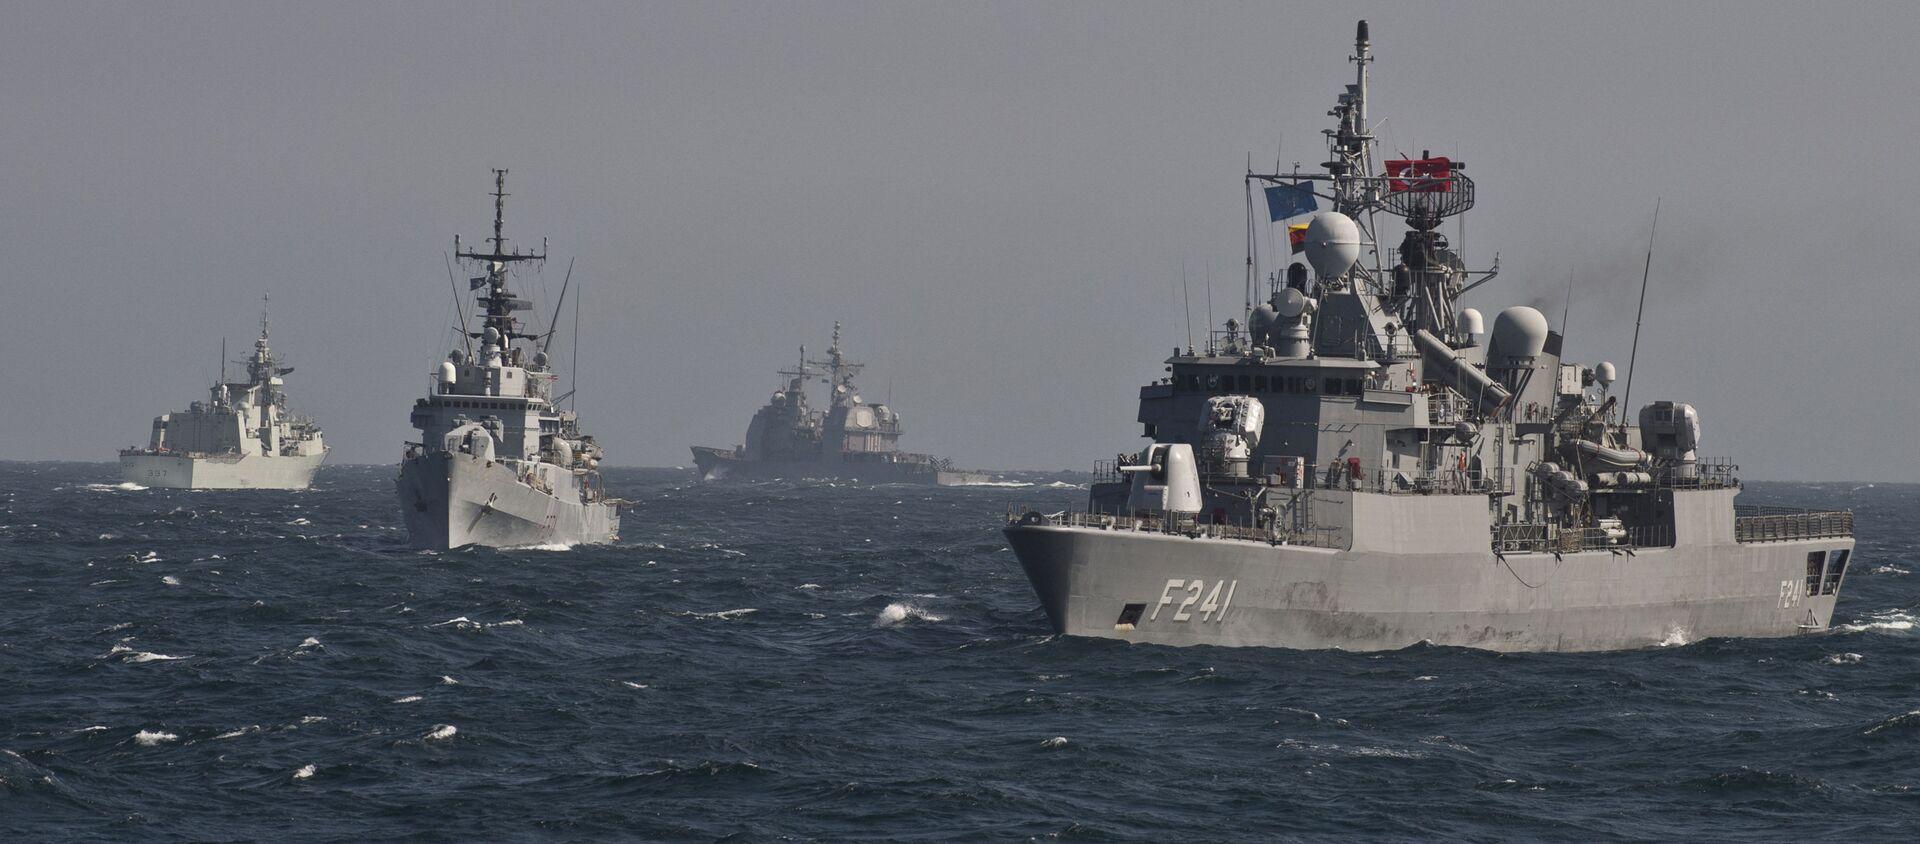 Военные корабли Постоянной морской группы-2 НАТО принимают участие в учениях на Черном море в 60 км от города Констанца - Sputnik Абхазия, 1920, 27.08.2021